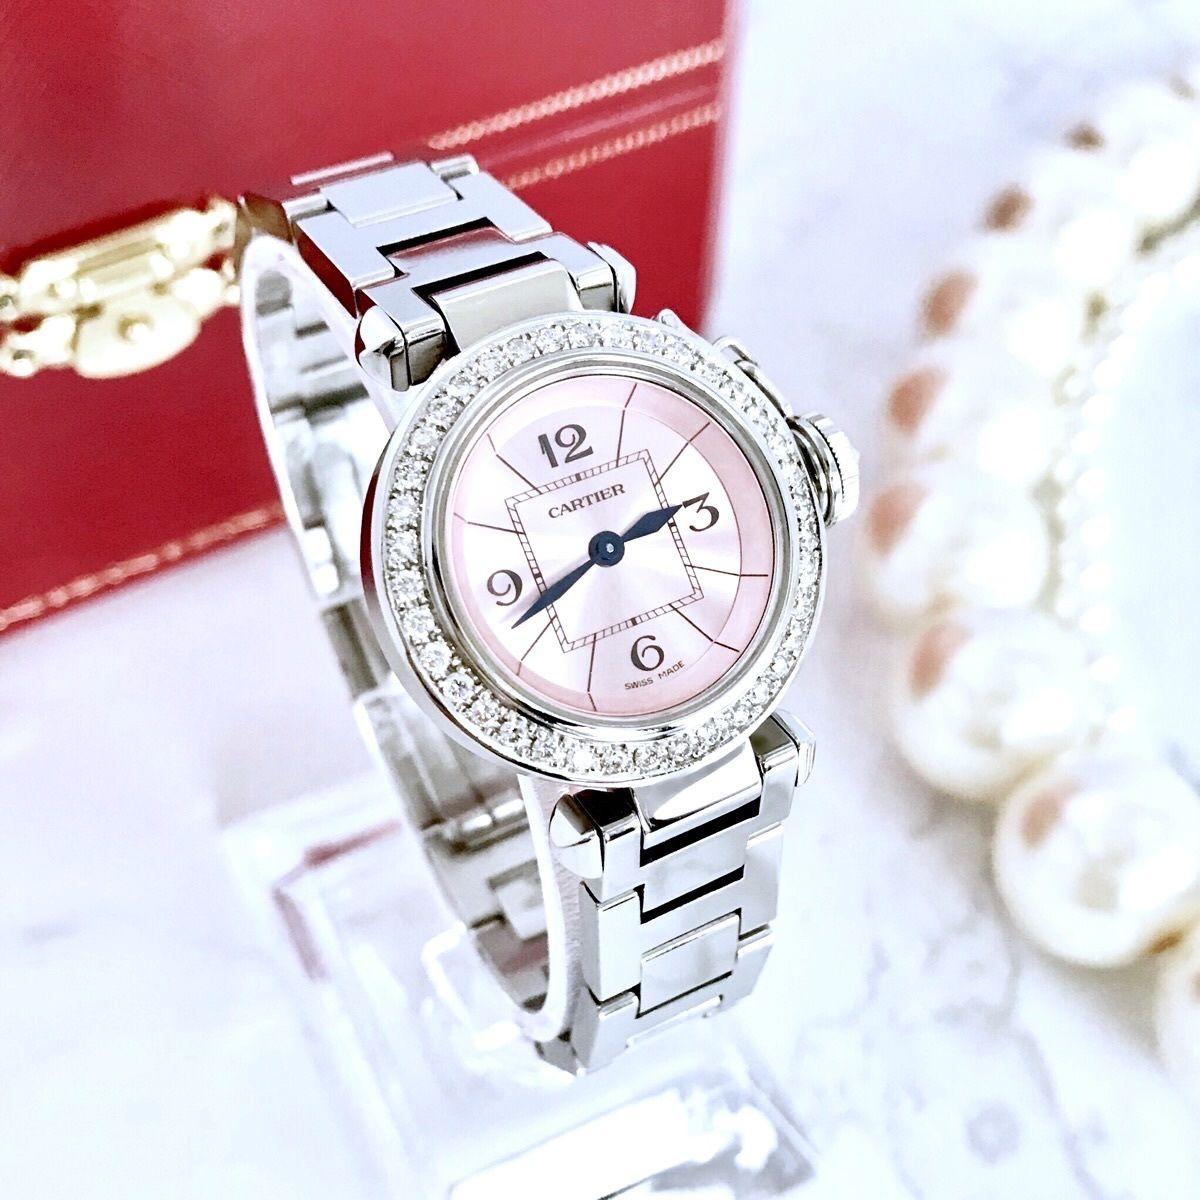 Cartier カルティエ ミスパシャ 40P 高級天然ダイヤモンド  クォーツ レディース 腕時計